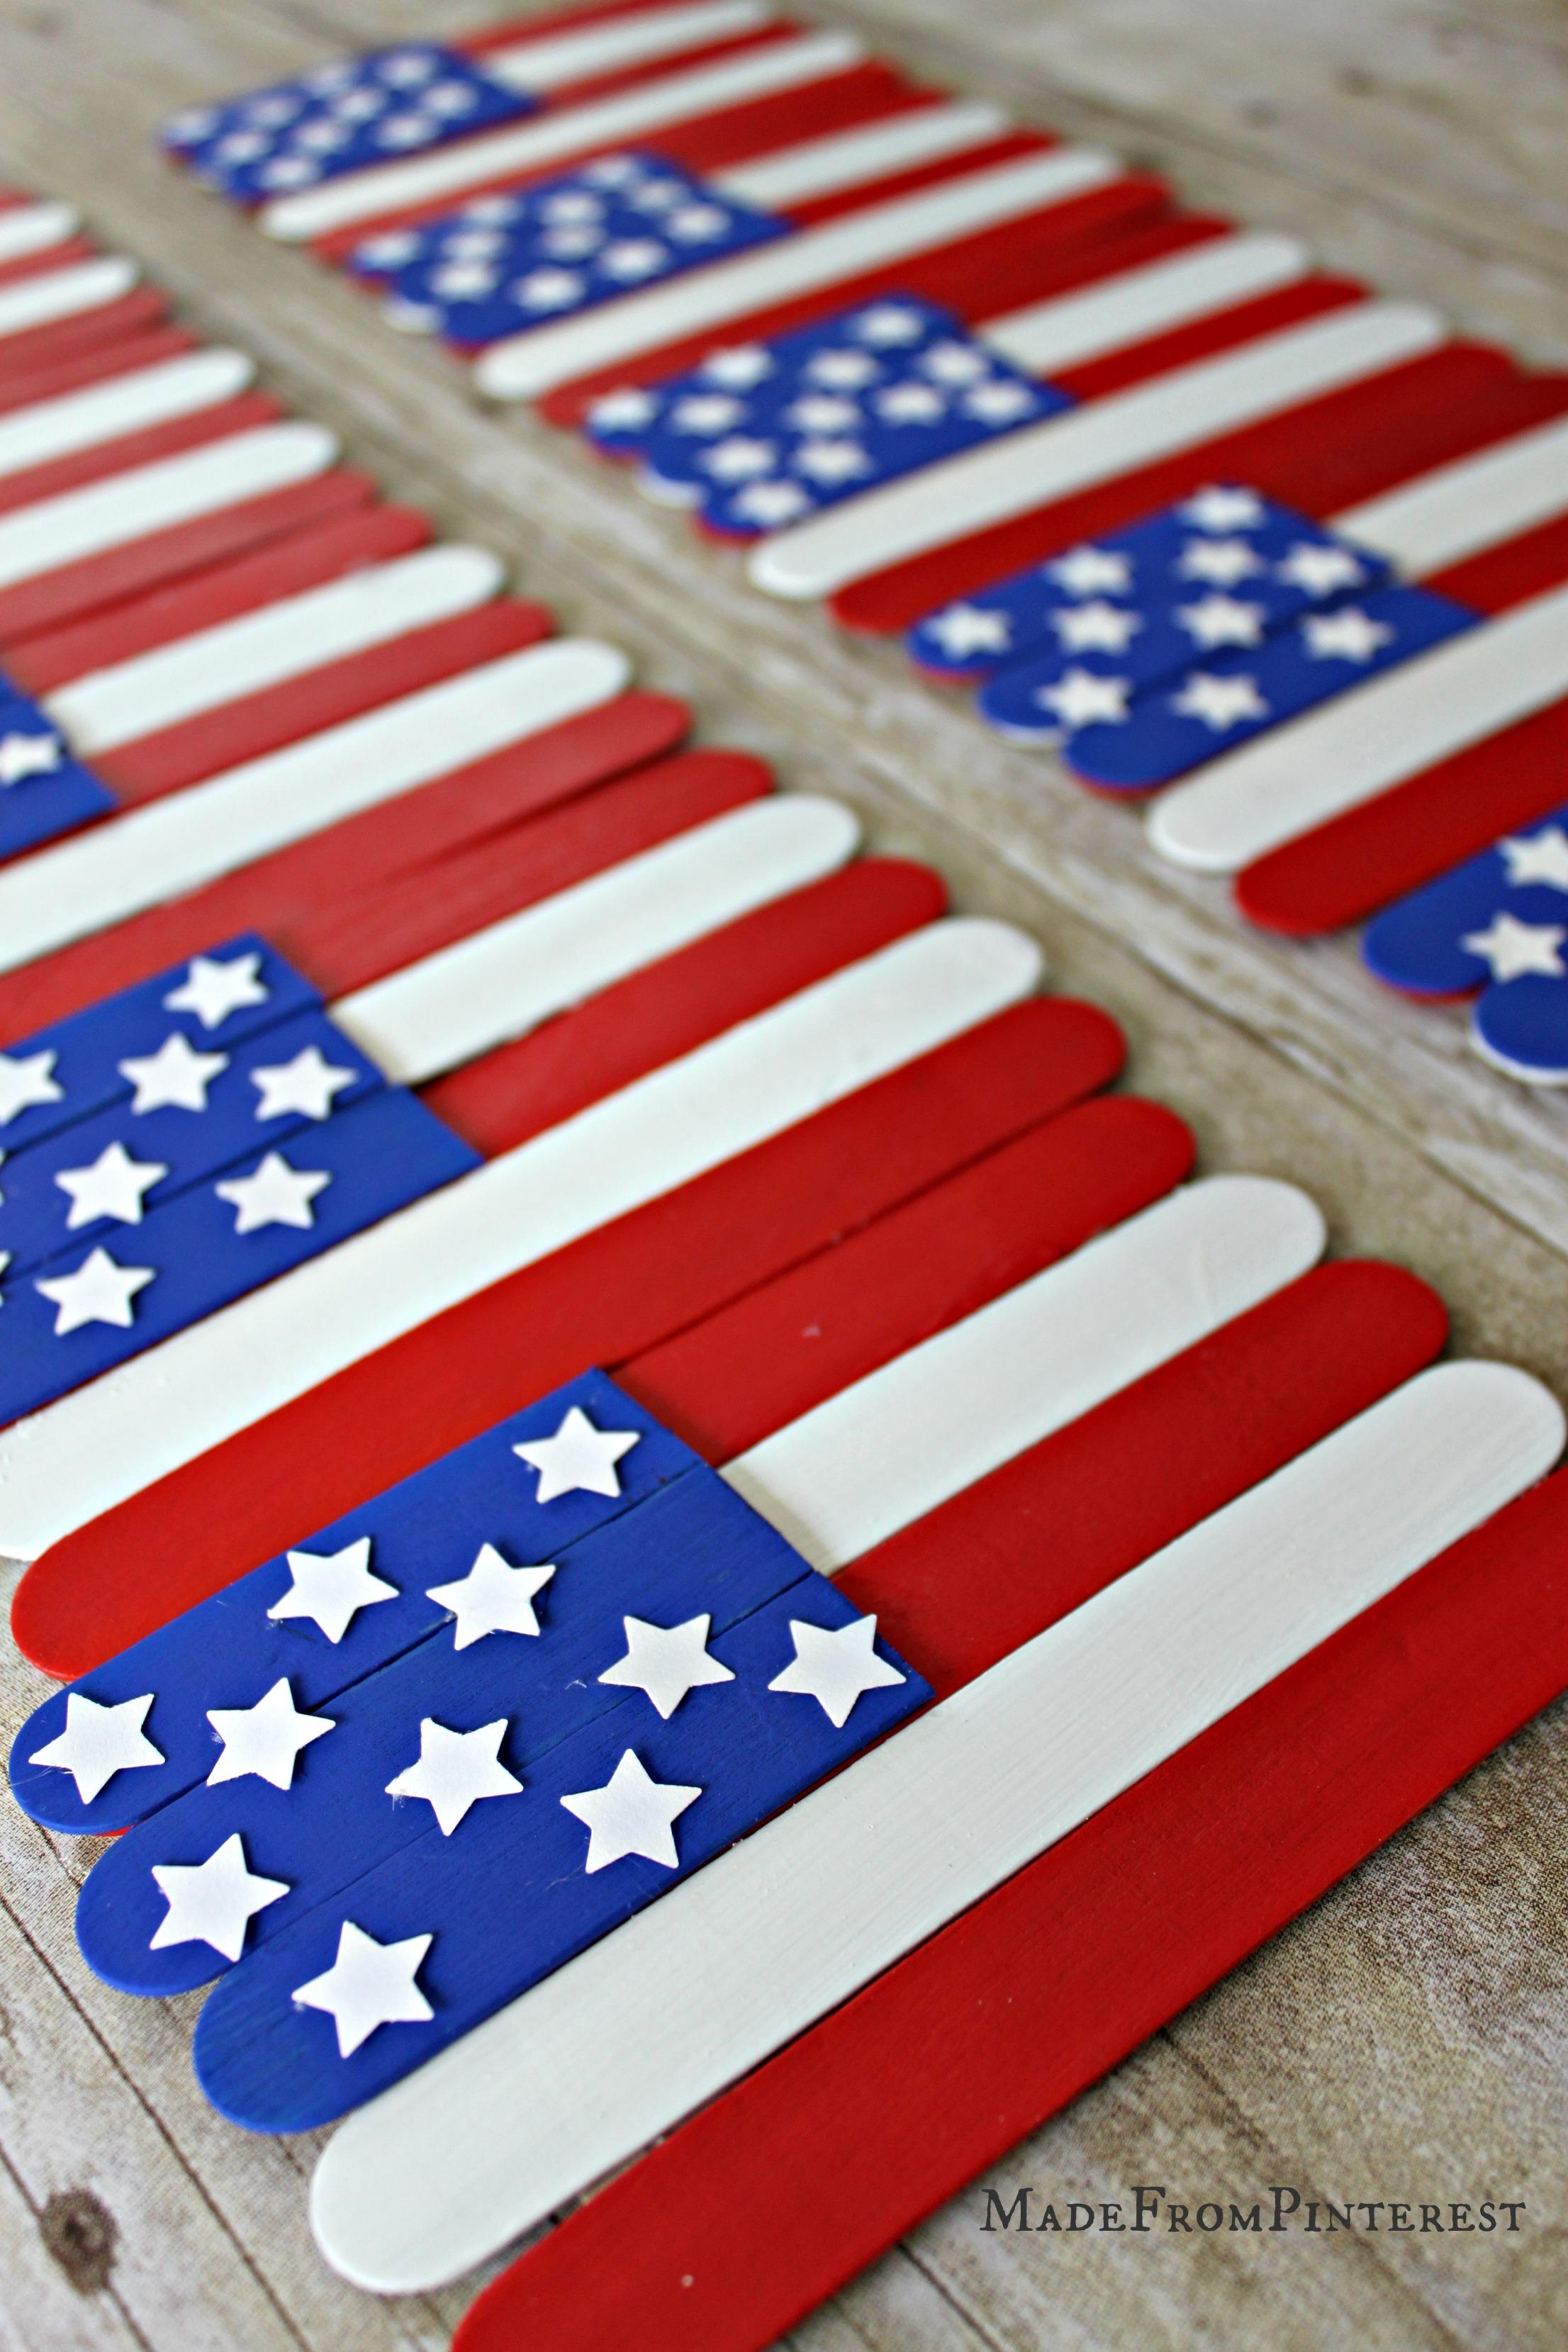 Kids-Flag-Craft-MadeFromPinterest